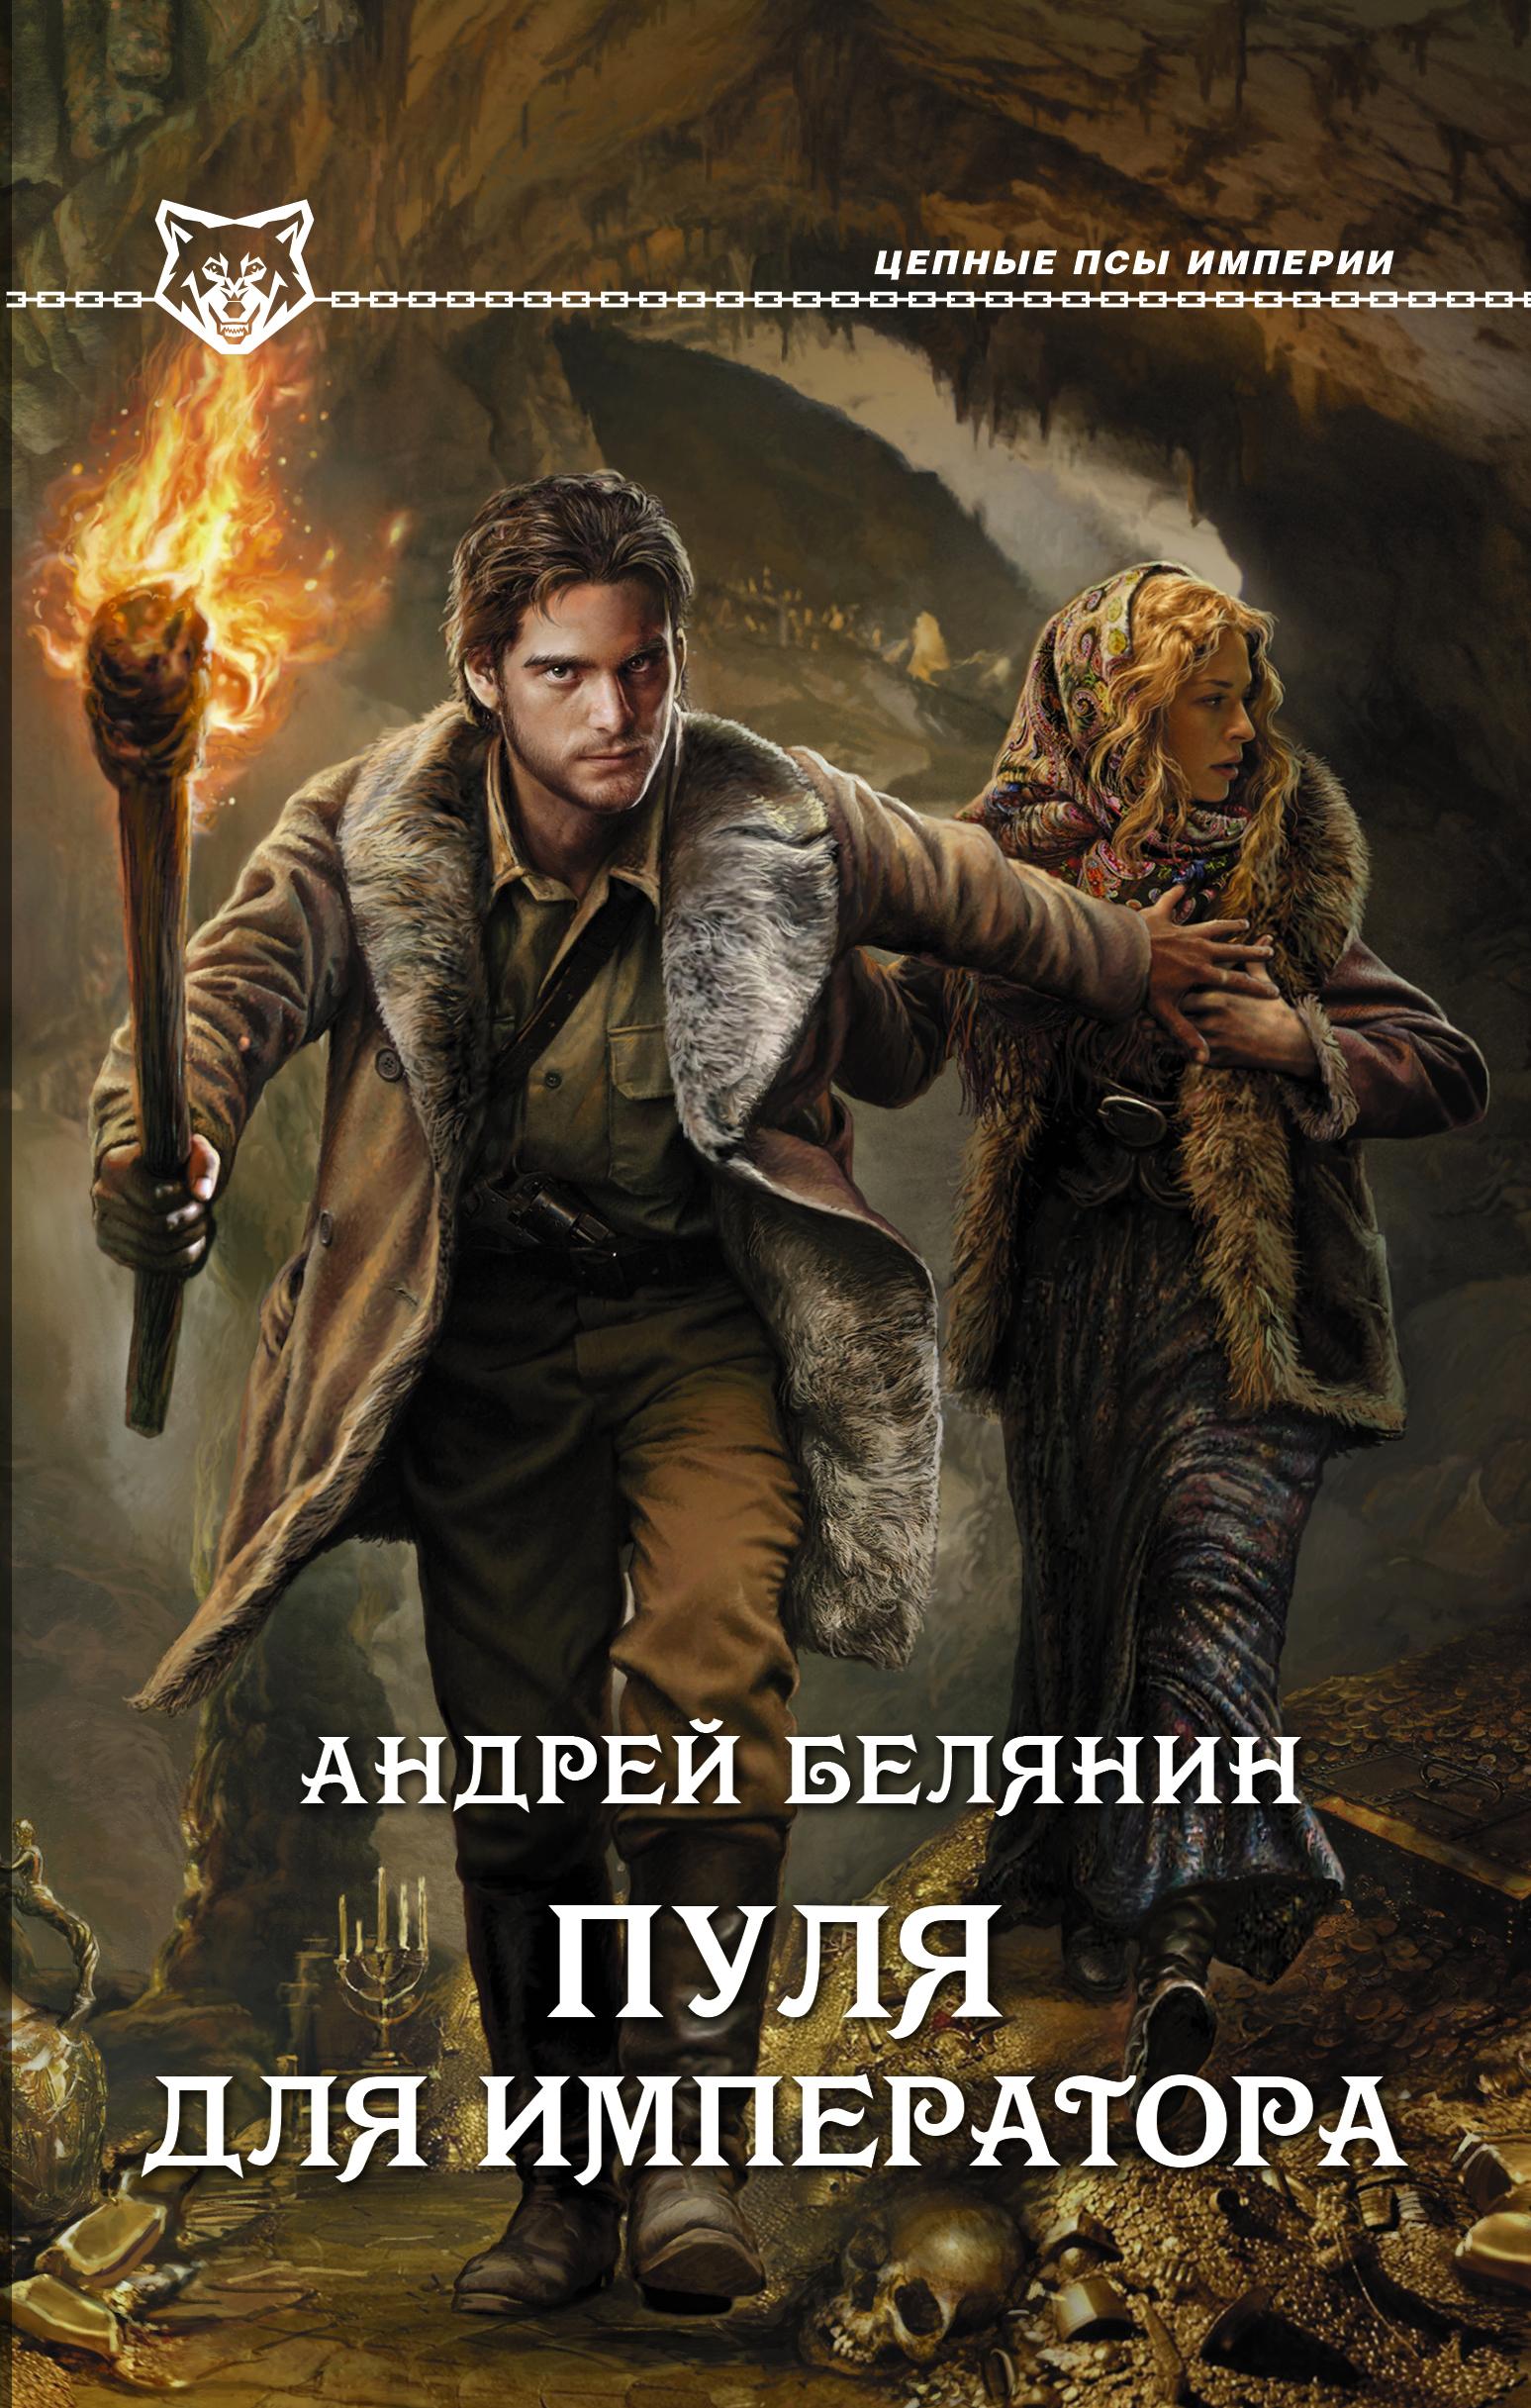 Пуля для императора   Белянин Андрей Олегович